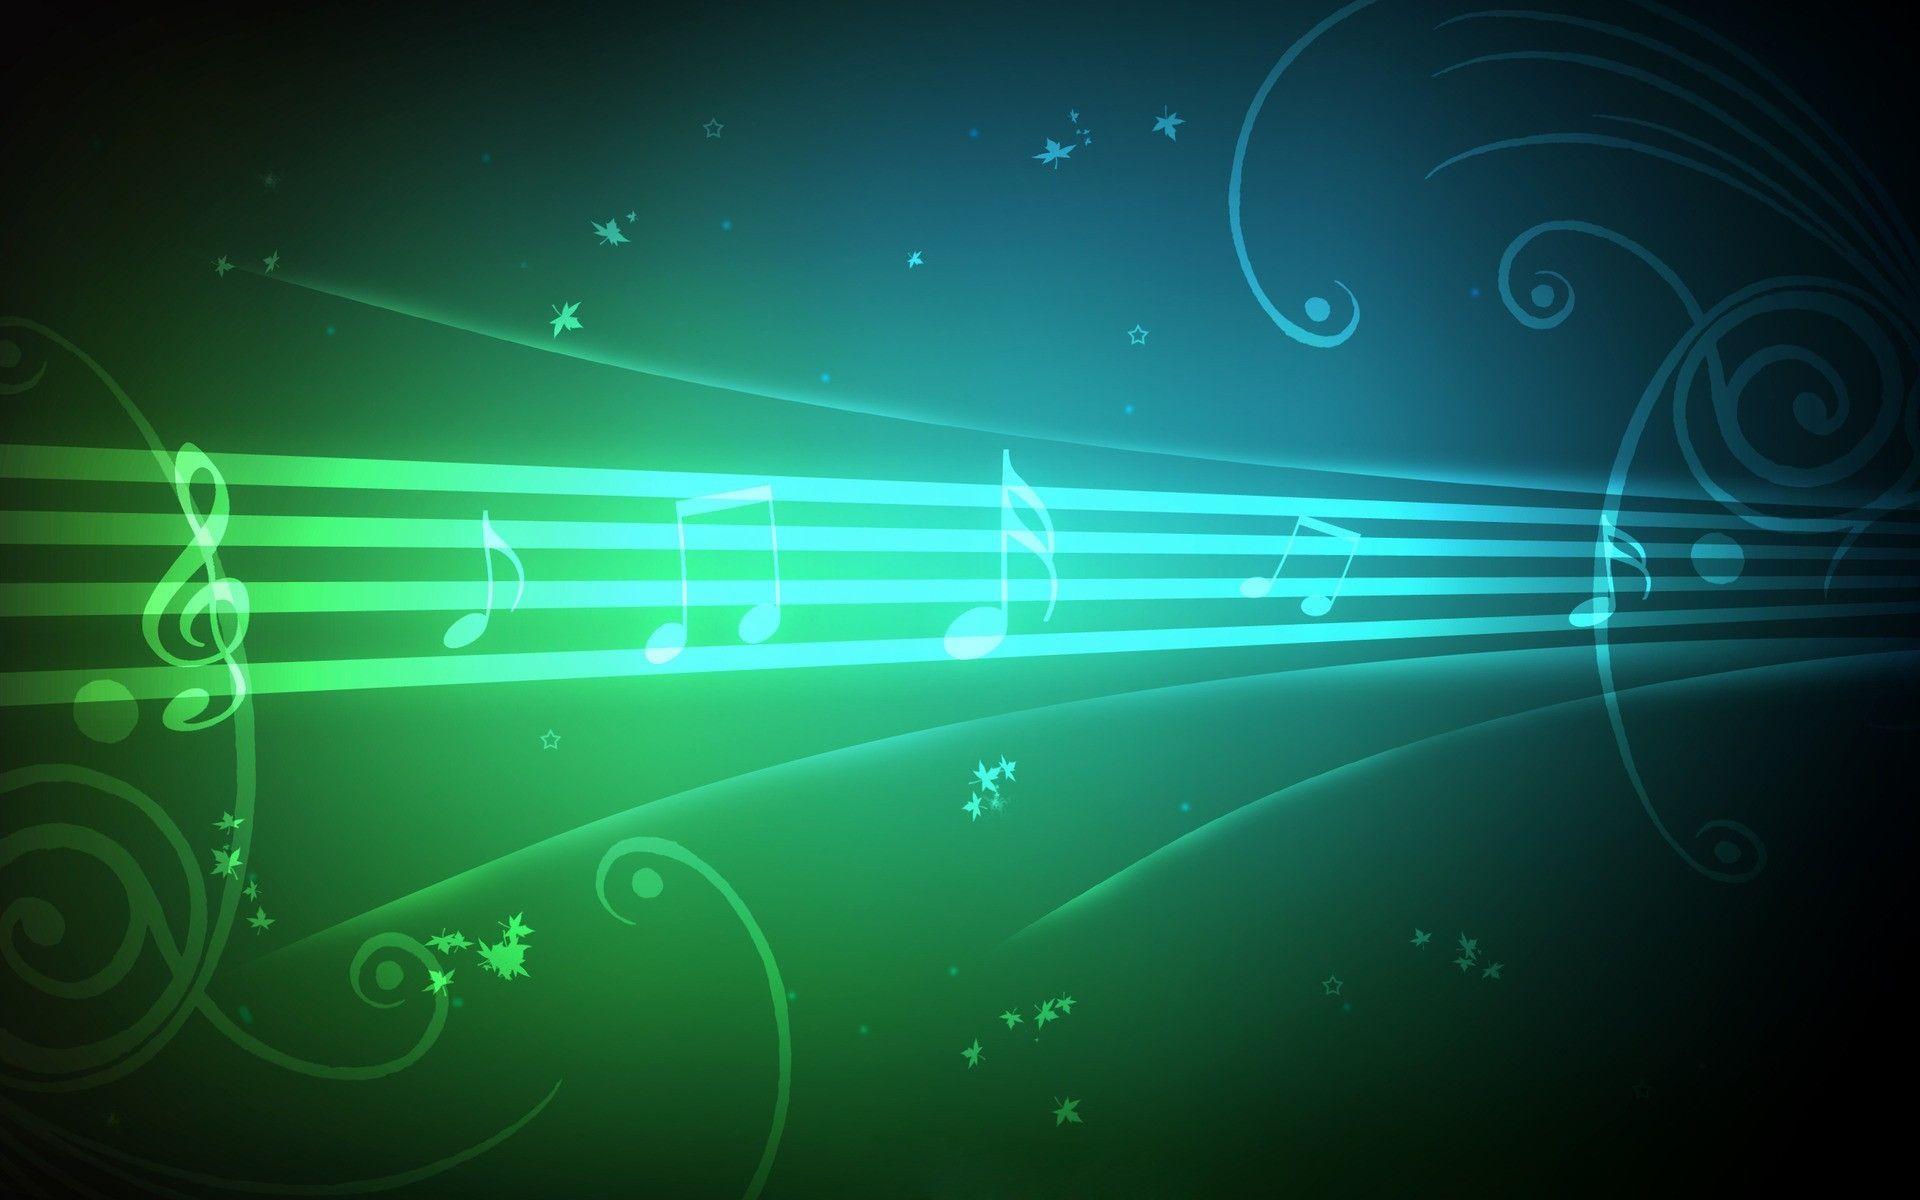 Музыка с картинки, картинки девушками приколы